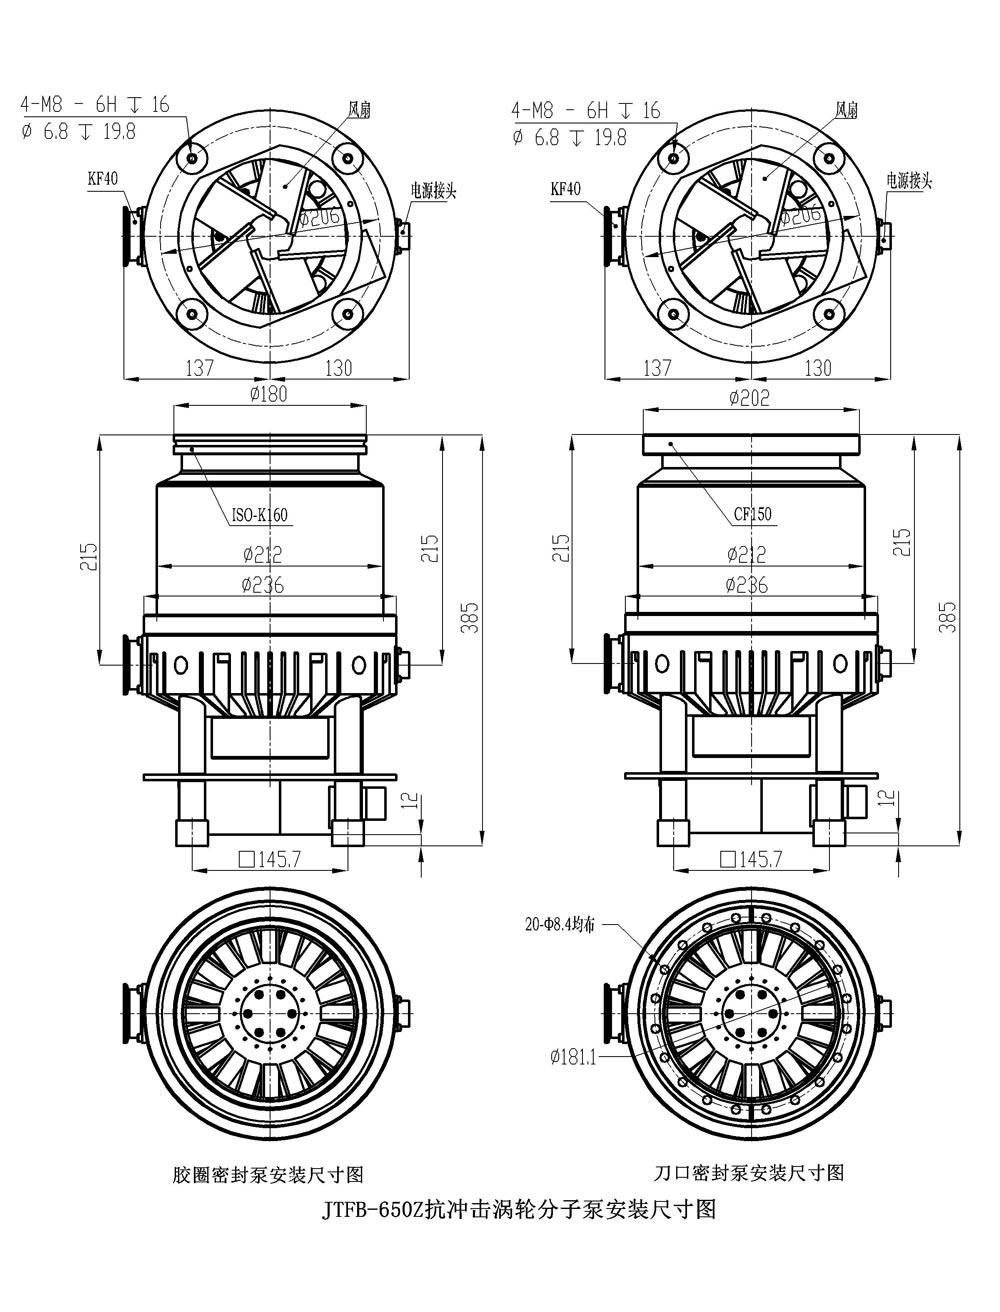 JTFB-650Z